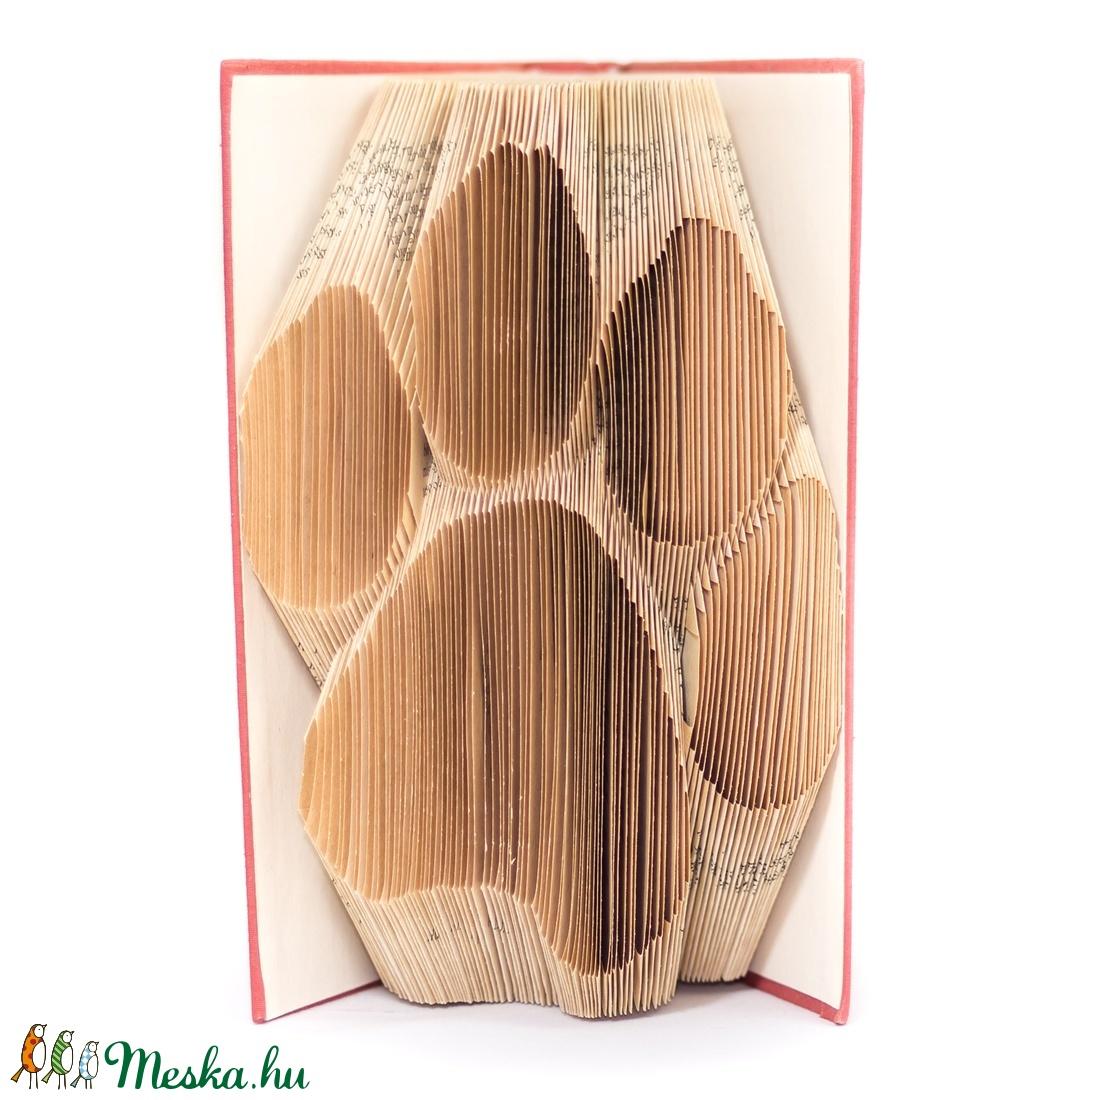 Tappancs mintájú hajtogatott könyv origami - kutya macska szeretőknek - állatbarátoknak - lábnyom (Wolfabric) - Meska.hu